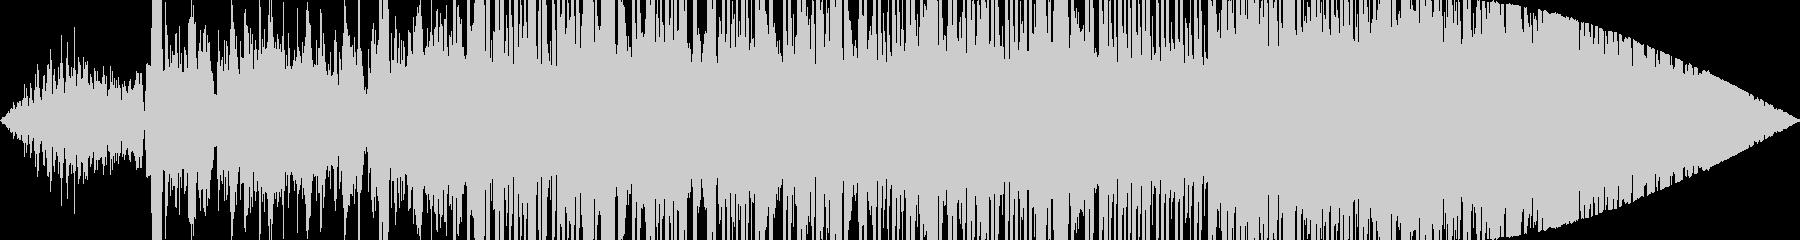 壊れかけの機械のような曲の未再生の波形